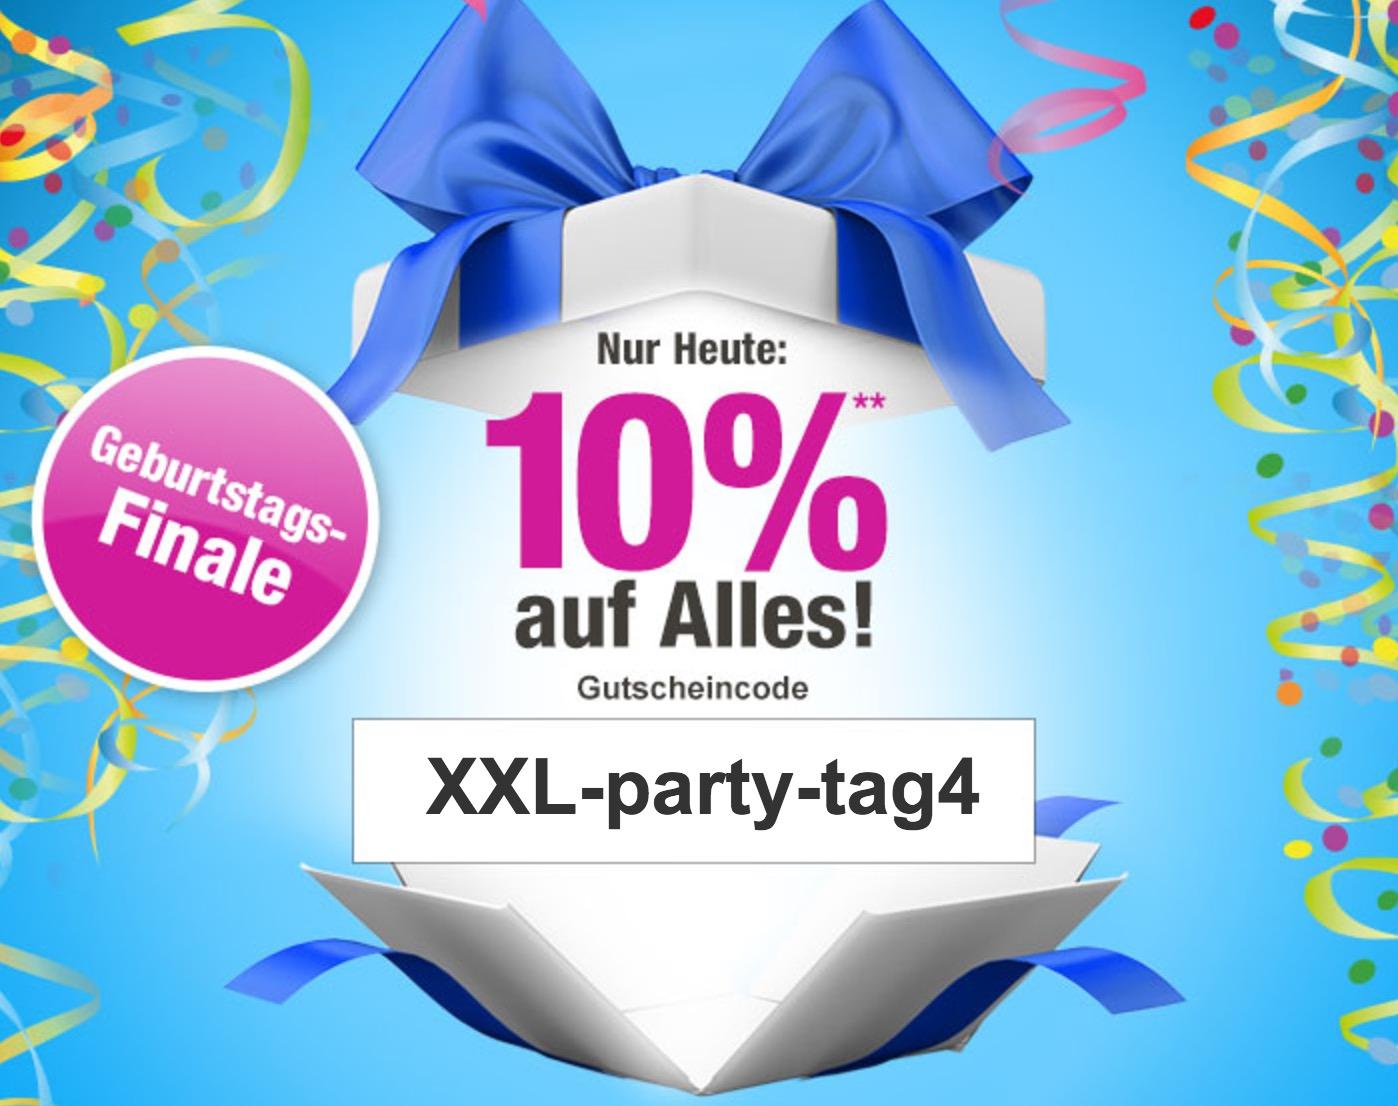 Nur heute: 10% Gutscheincode auf Alles bei GartenXXL